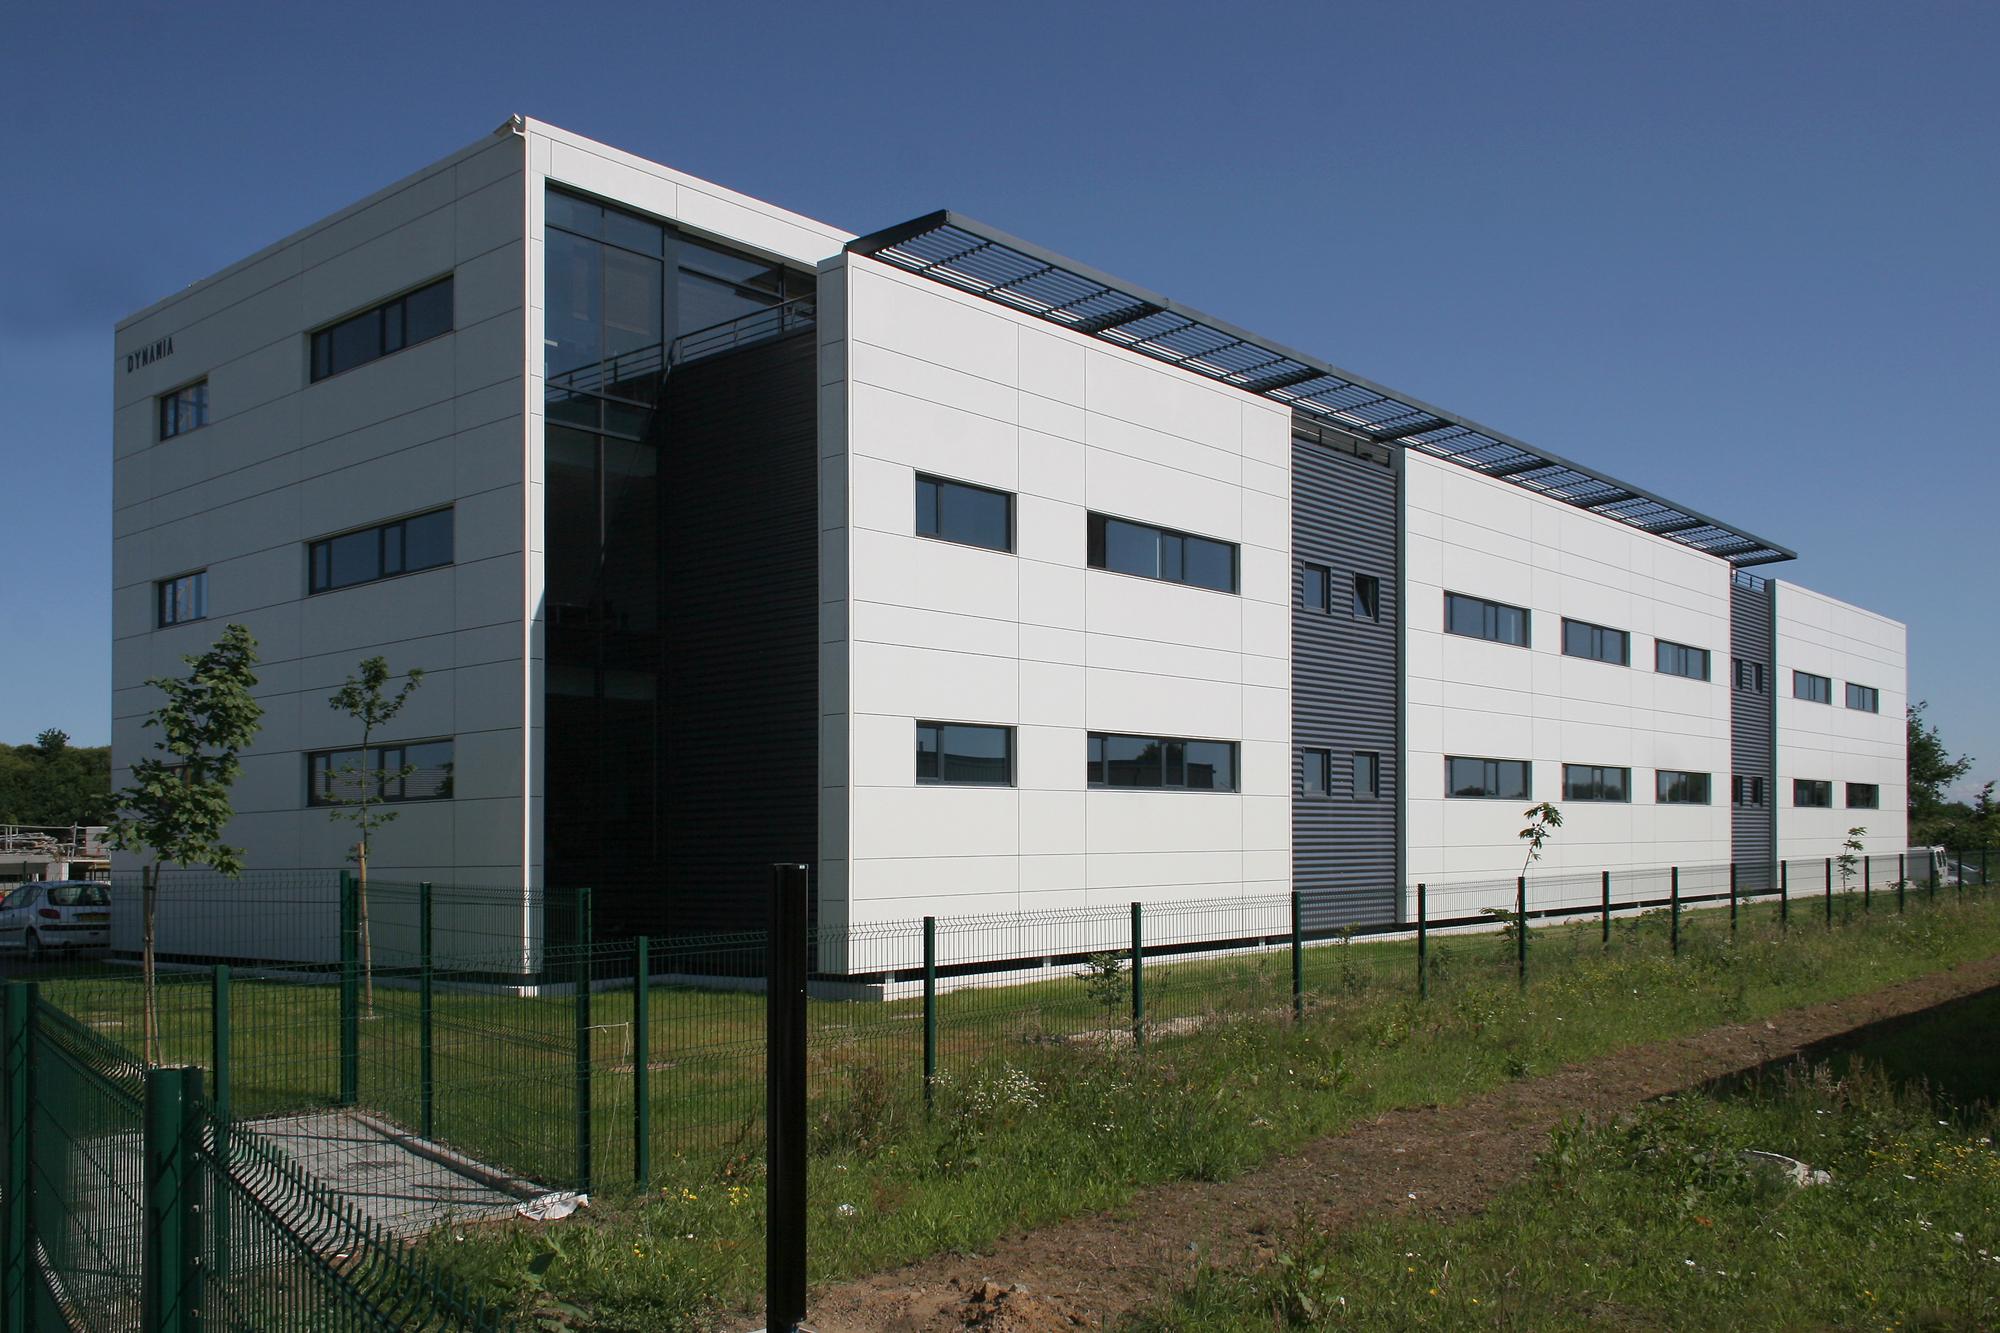 Immeuble de bureaux Dynamia Orvault